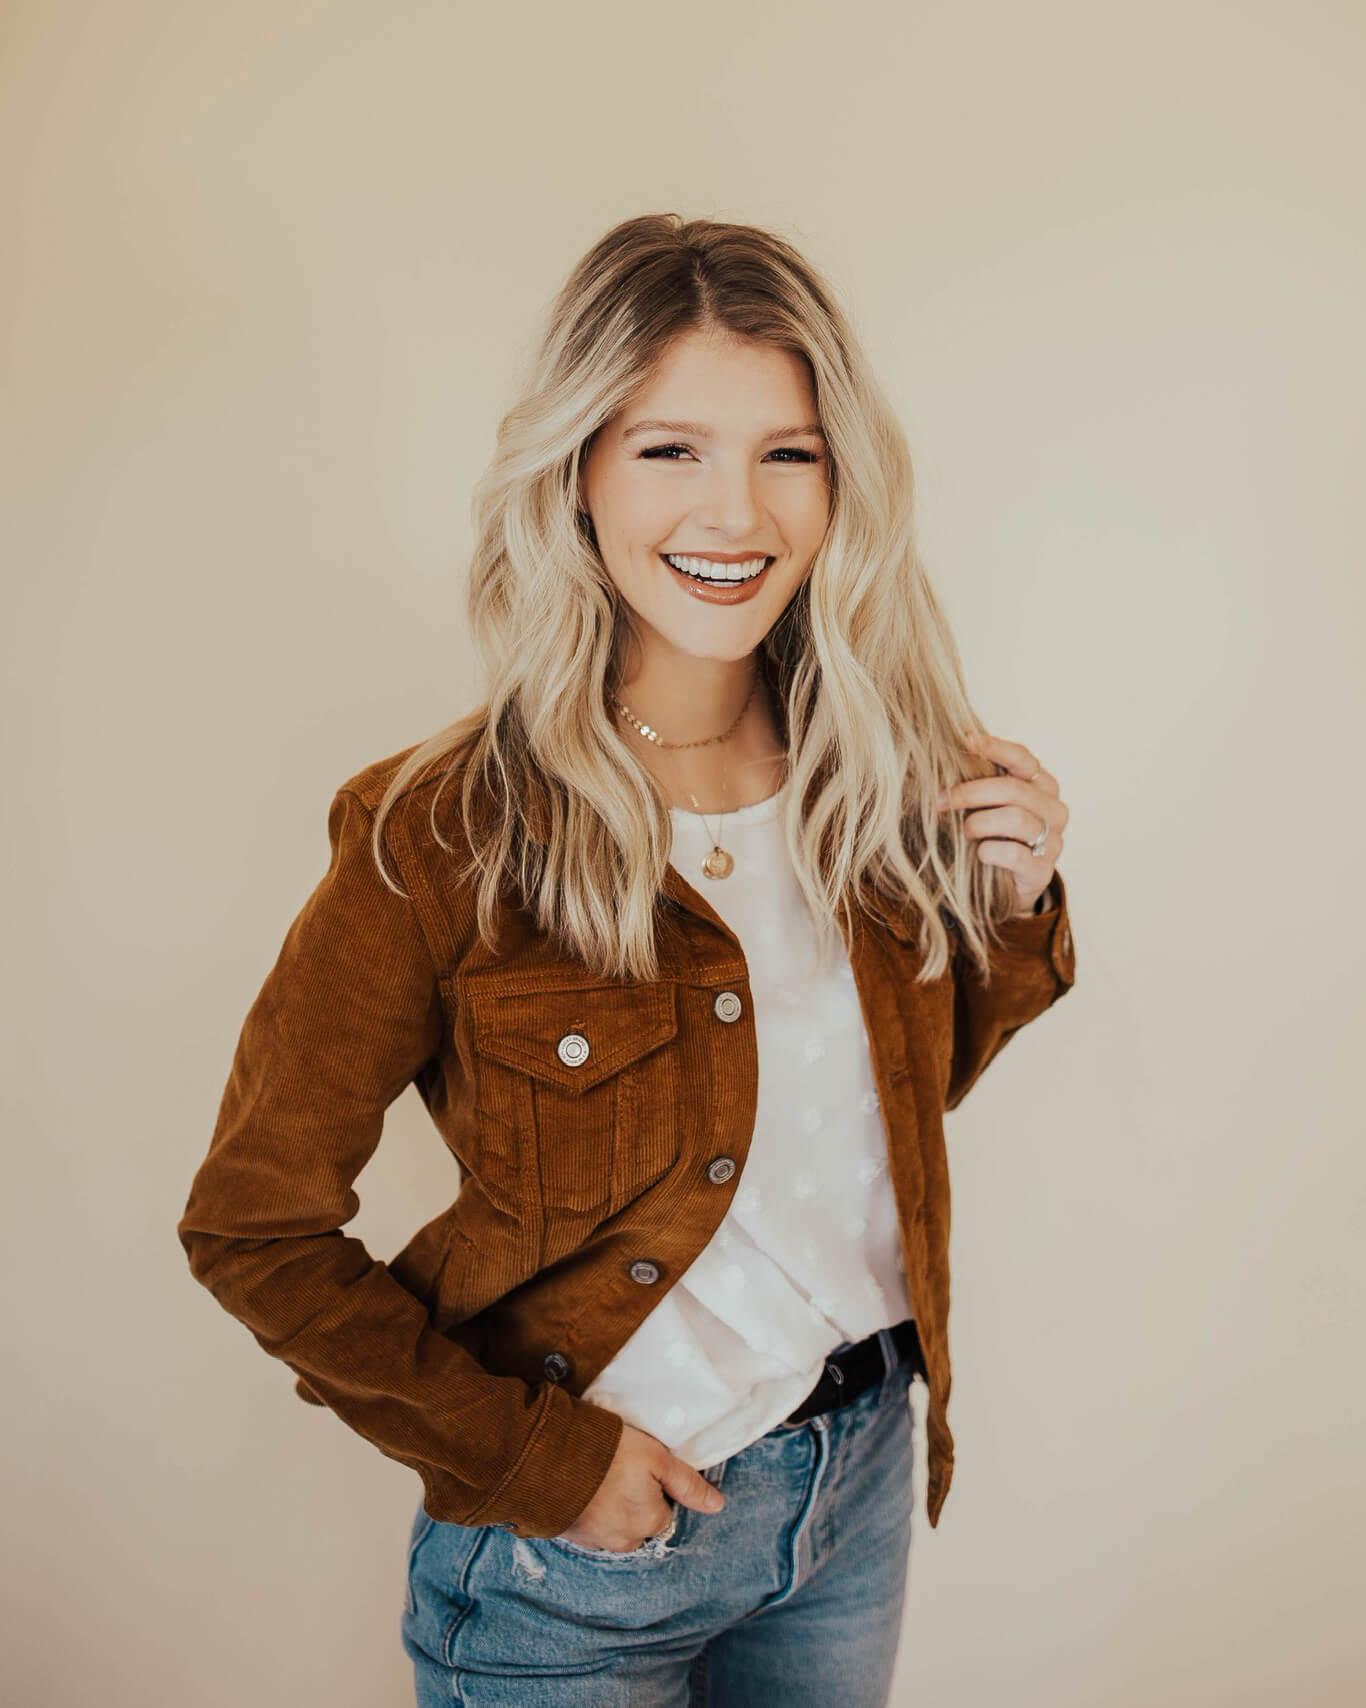 Josie Balka - Effortless Beauty Team Member